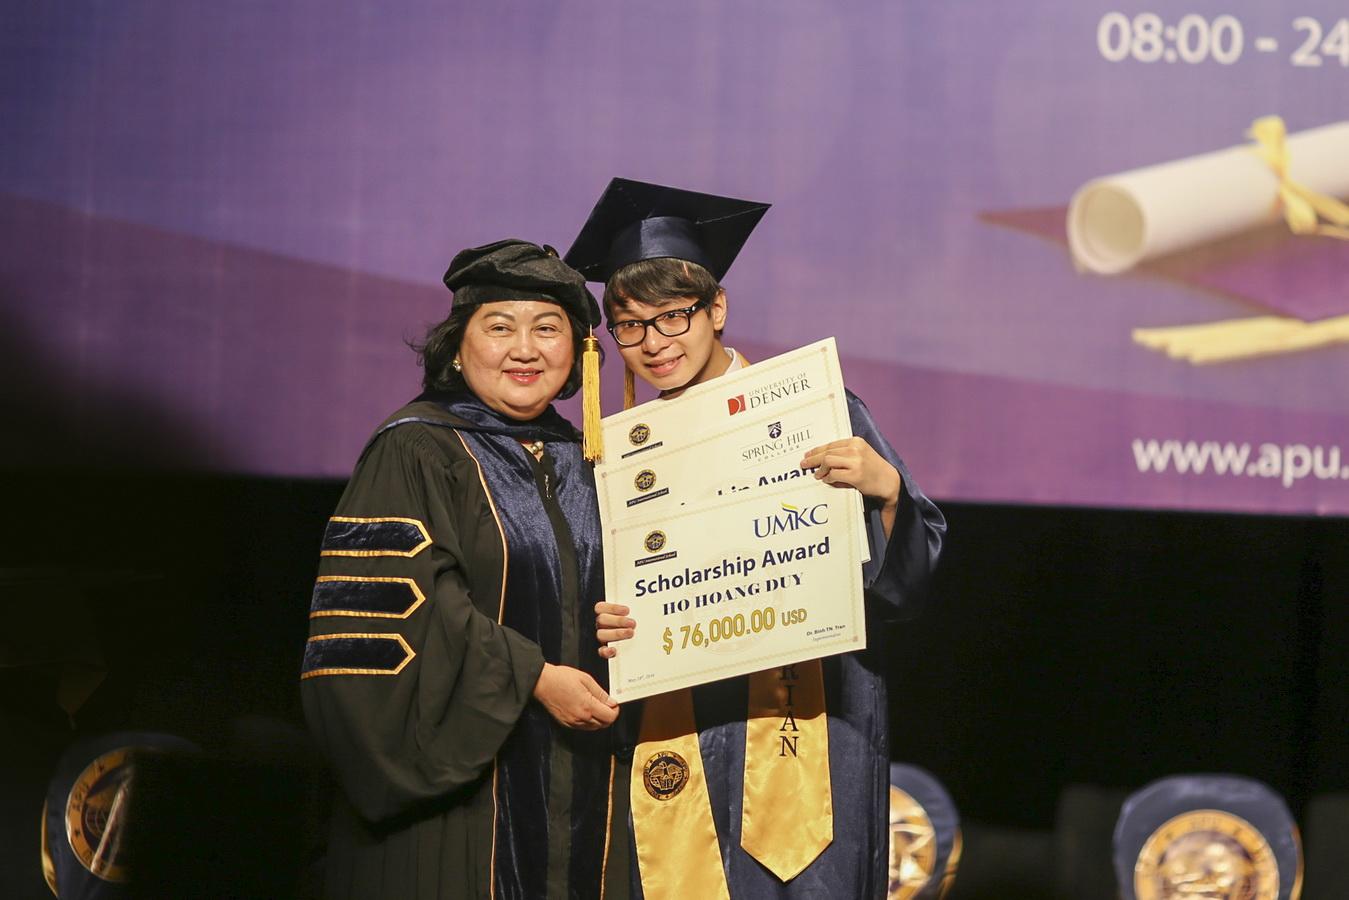 Tiến sĩ Trần Nguyễn Thy Bình và giáo dục APU